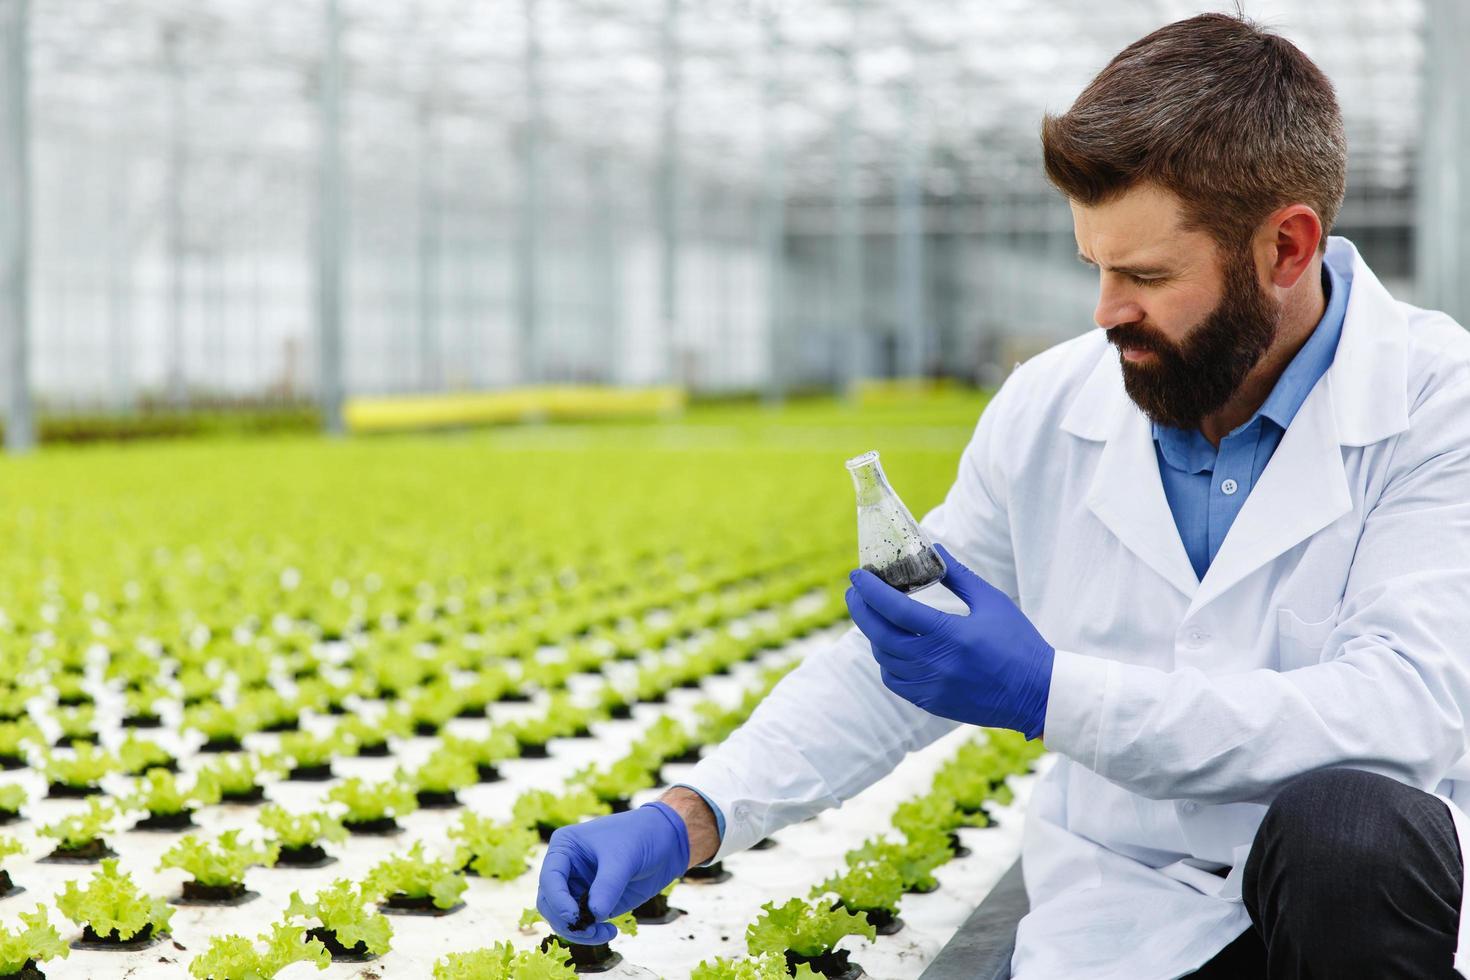 L'homme prend une sonde de verdure dans un erlenmeyer photo